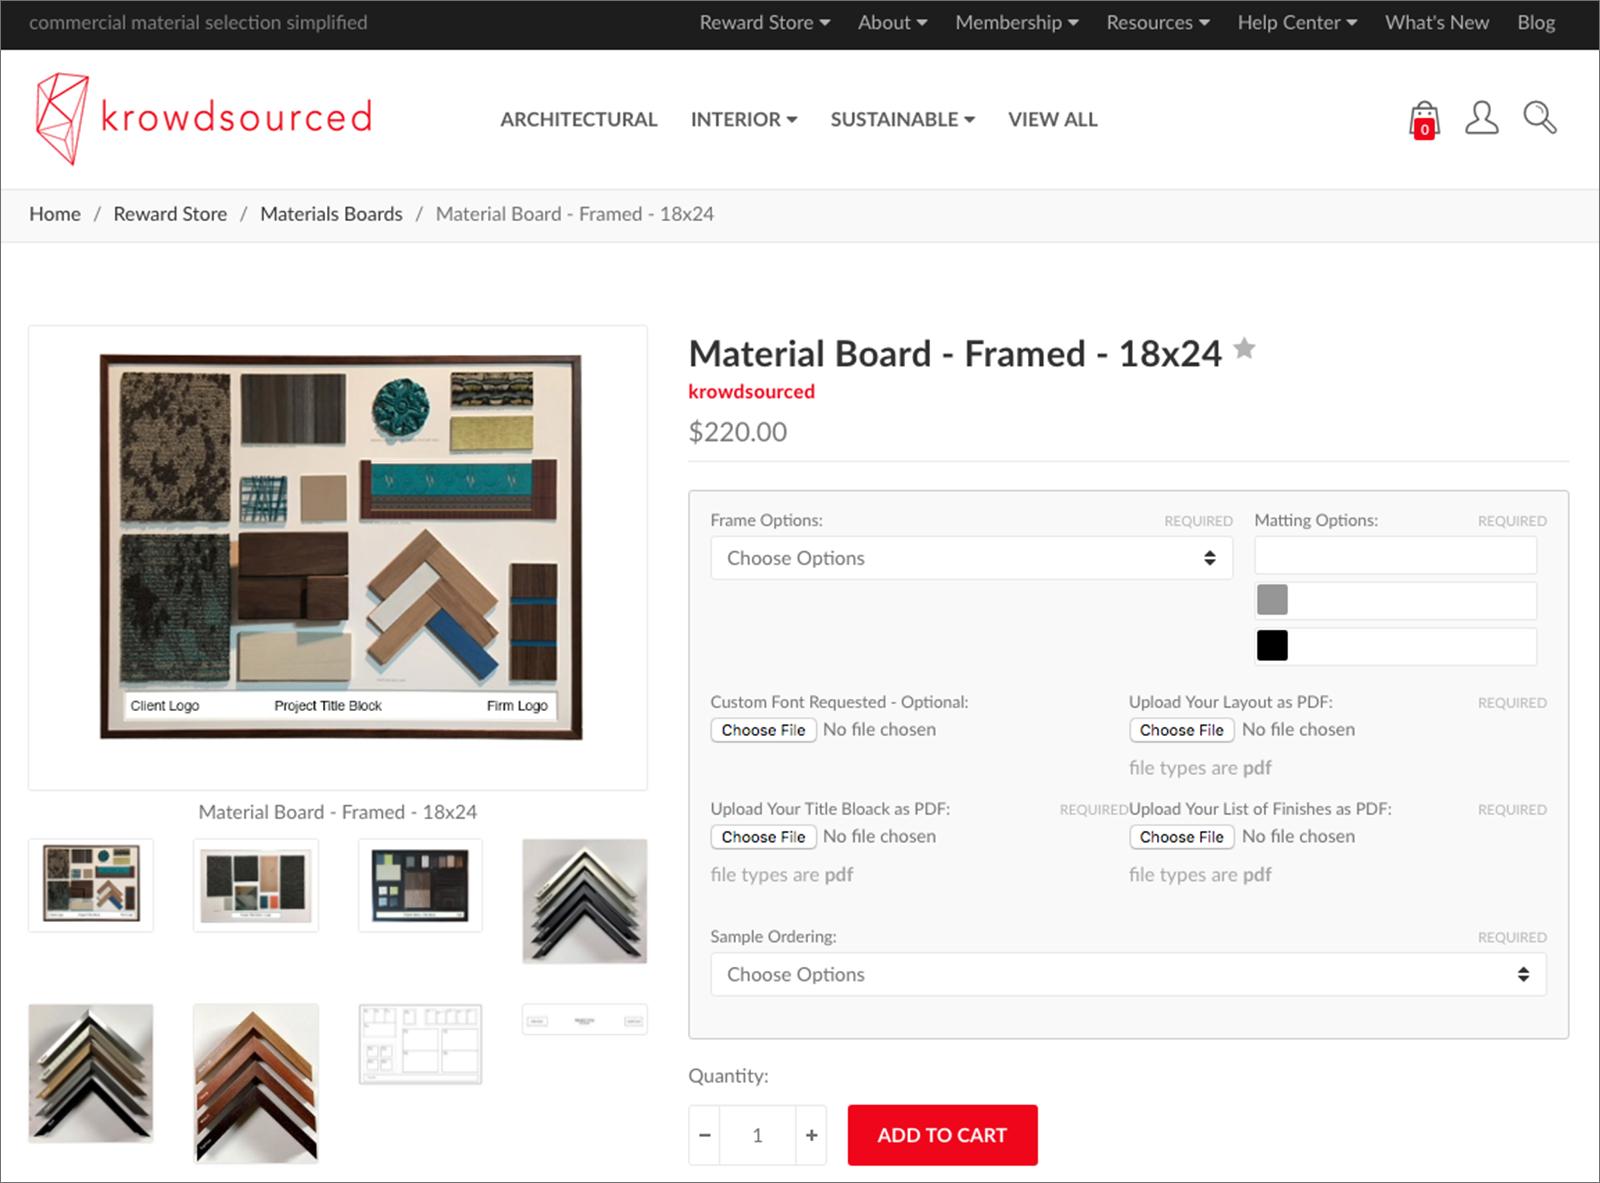 materialsboard-18x24-copy.png